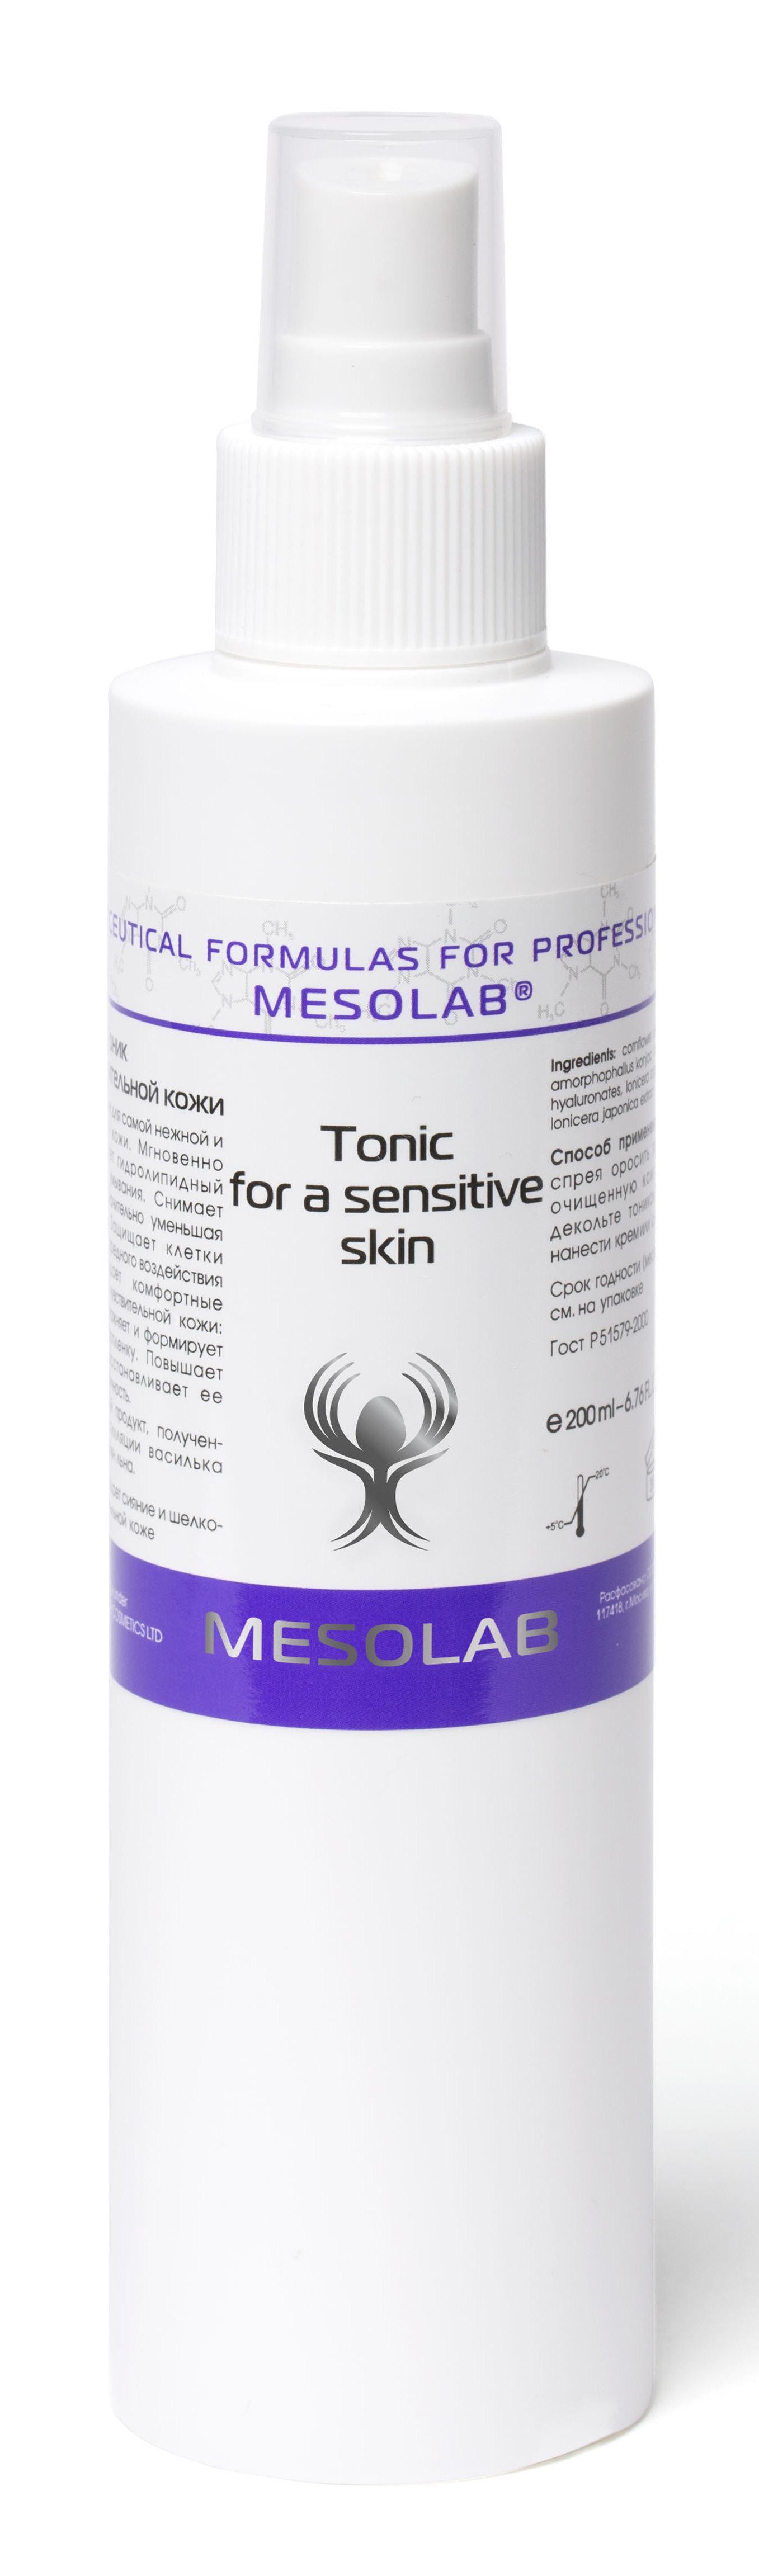 MESOLAB Тоник для чувствительной кожи / TONIC FOR A SENSITIVE SKIN 200 мл -  Тоники